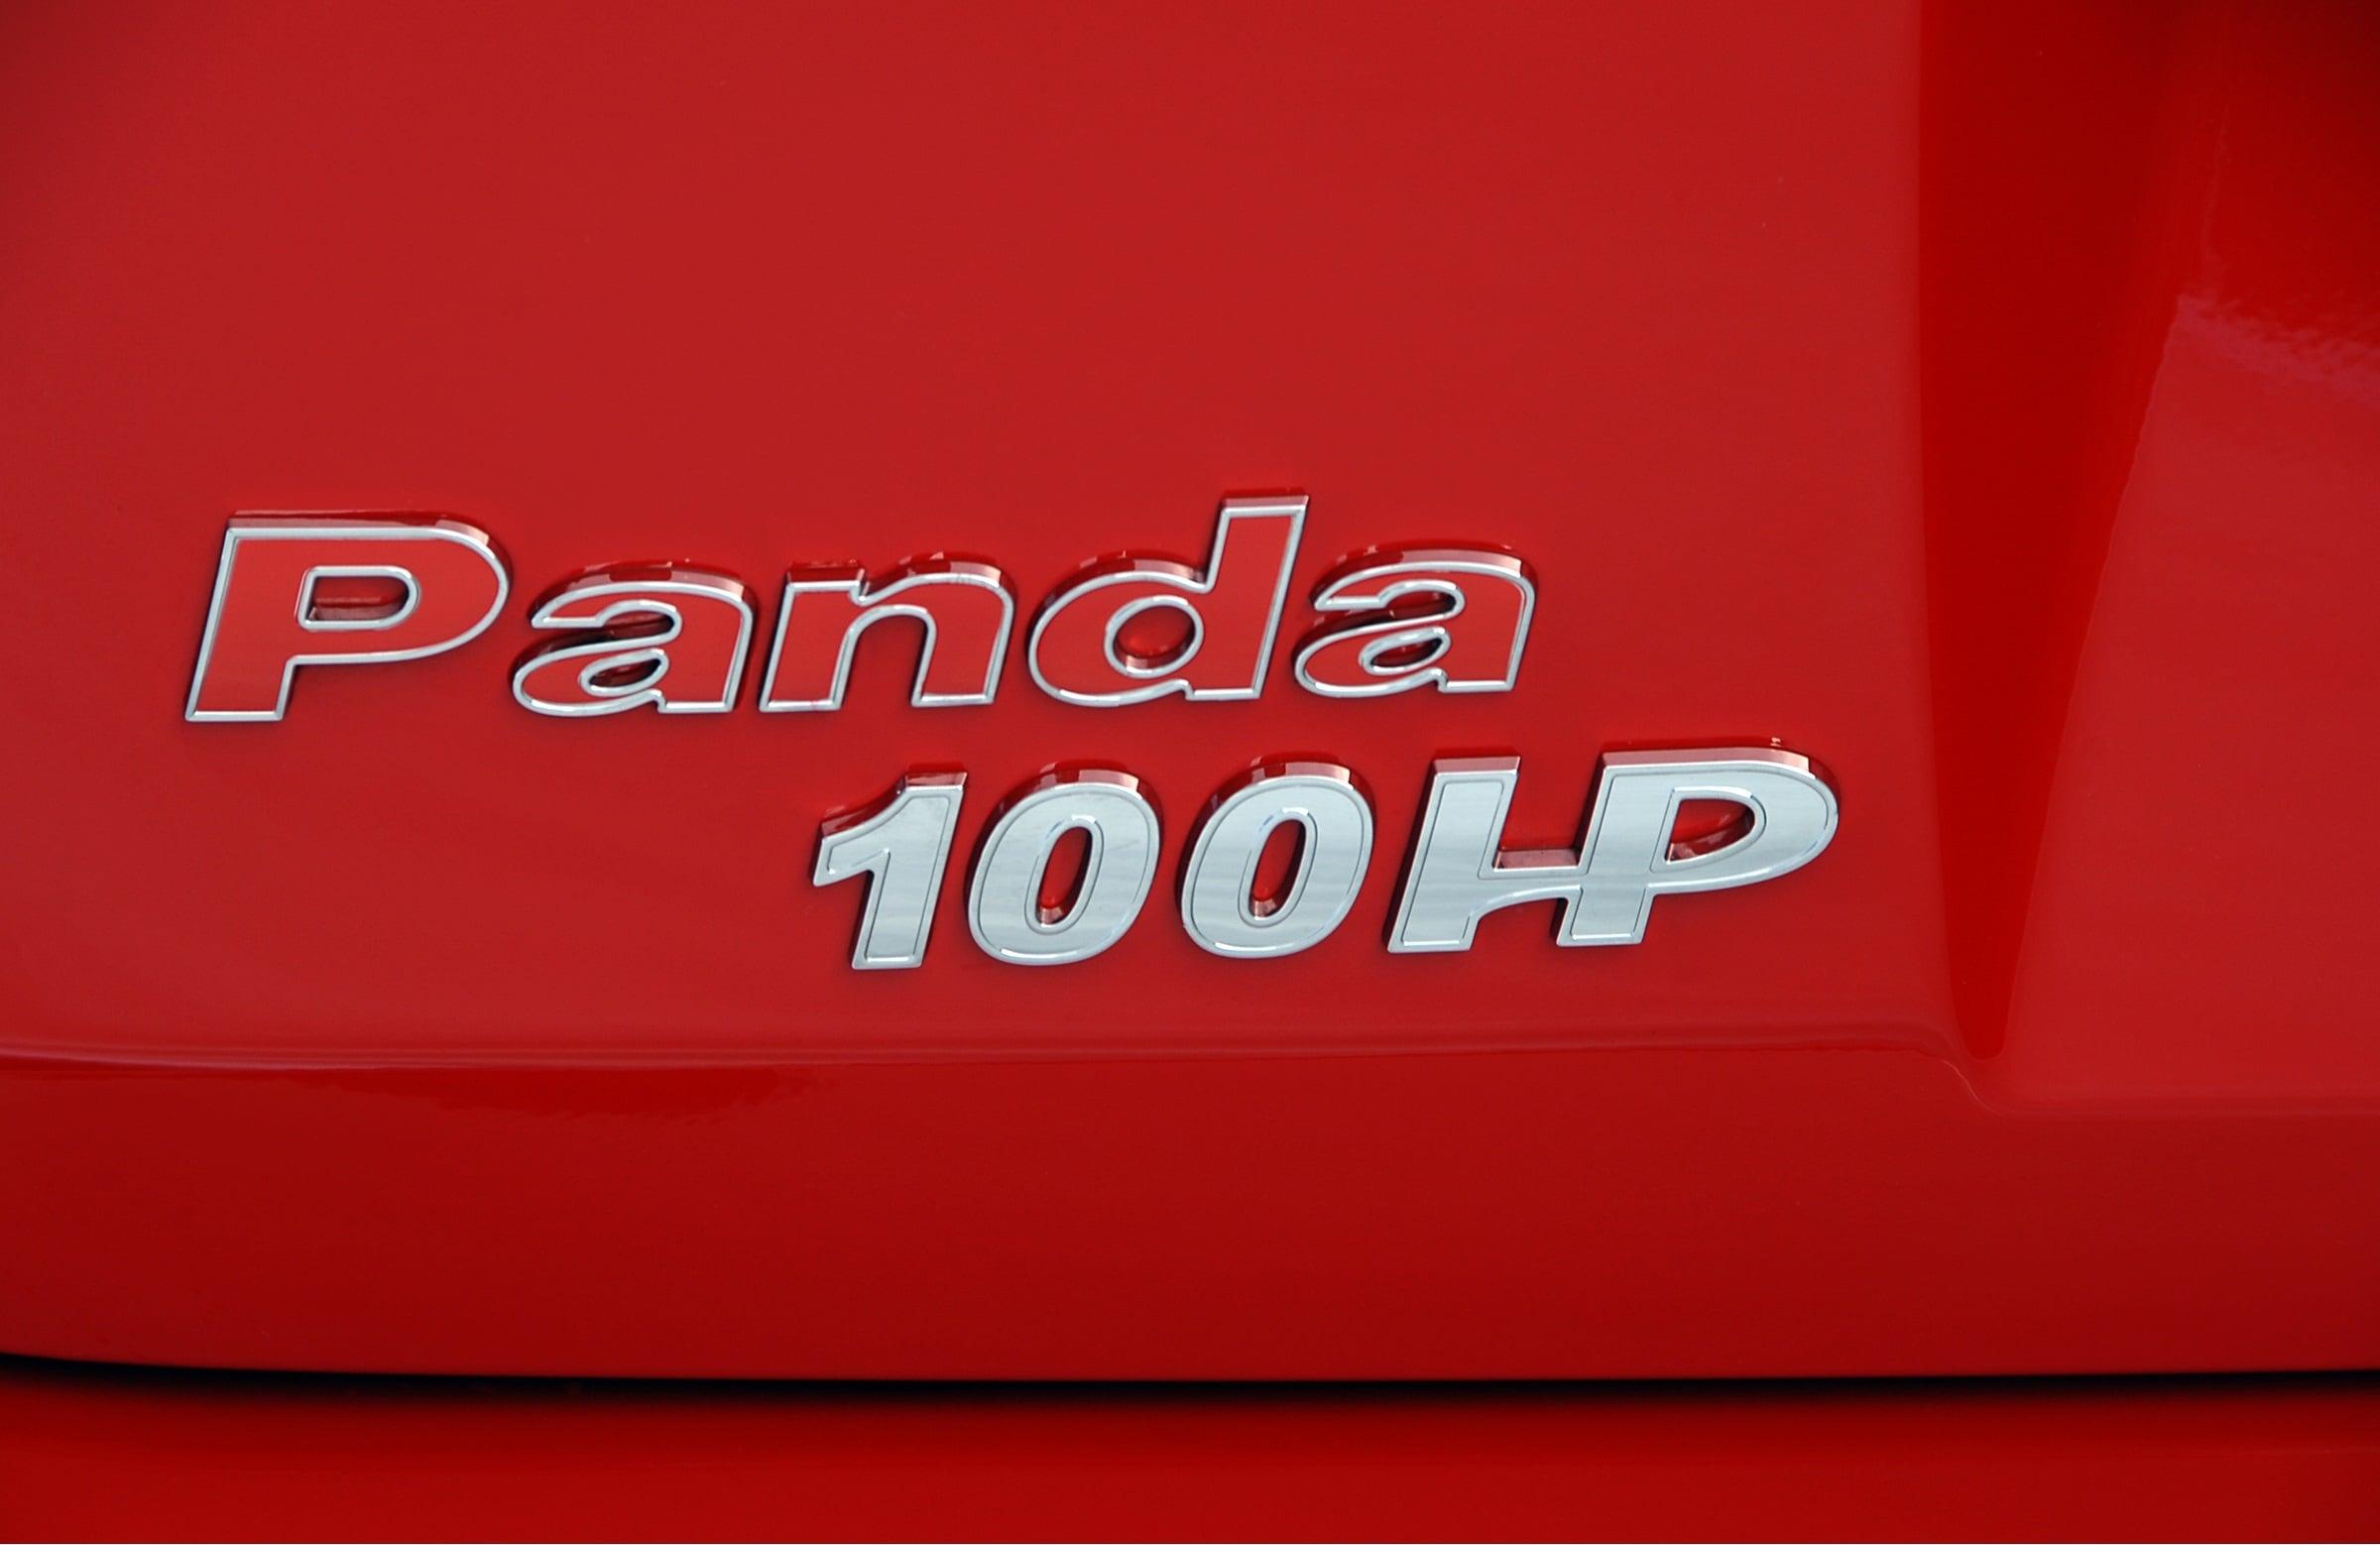 Fiat Panda 100hp, fiat panda, fiat, panda, 100hp, italy, italian car, cars, motoring, automotive, classic car, retro car, hot hatch, fix it again tony, fun car, exciting car, autotrader, fiat sales,